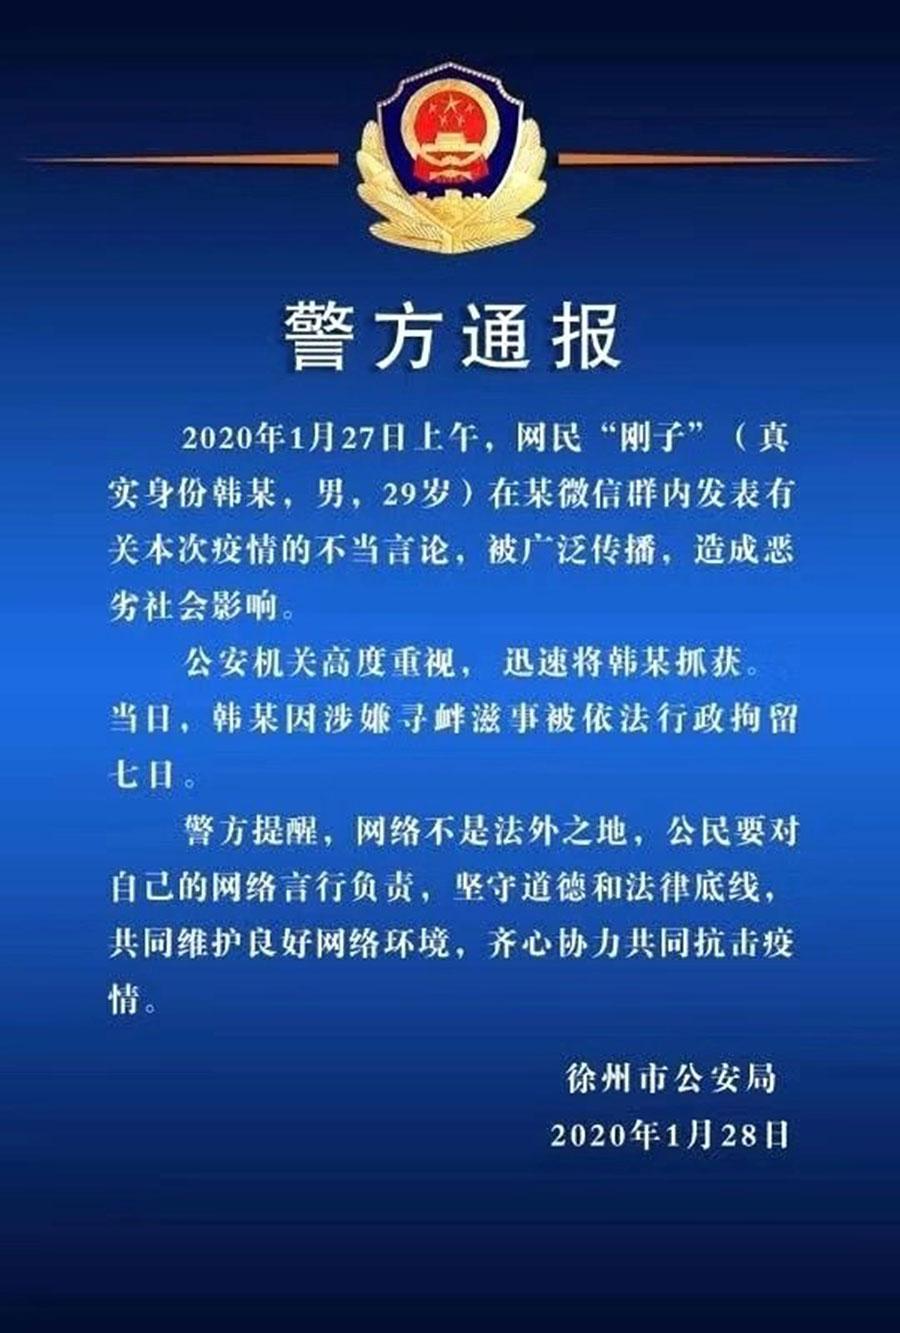 """徐州市公安局通报,网民韩某发表有关疫情的""""不当言论"""",拘留7日。(网络图片/乔龙提供)"""